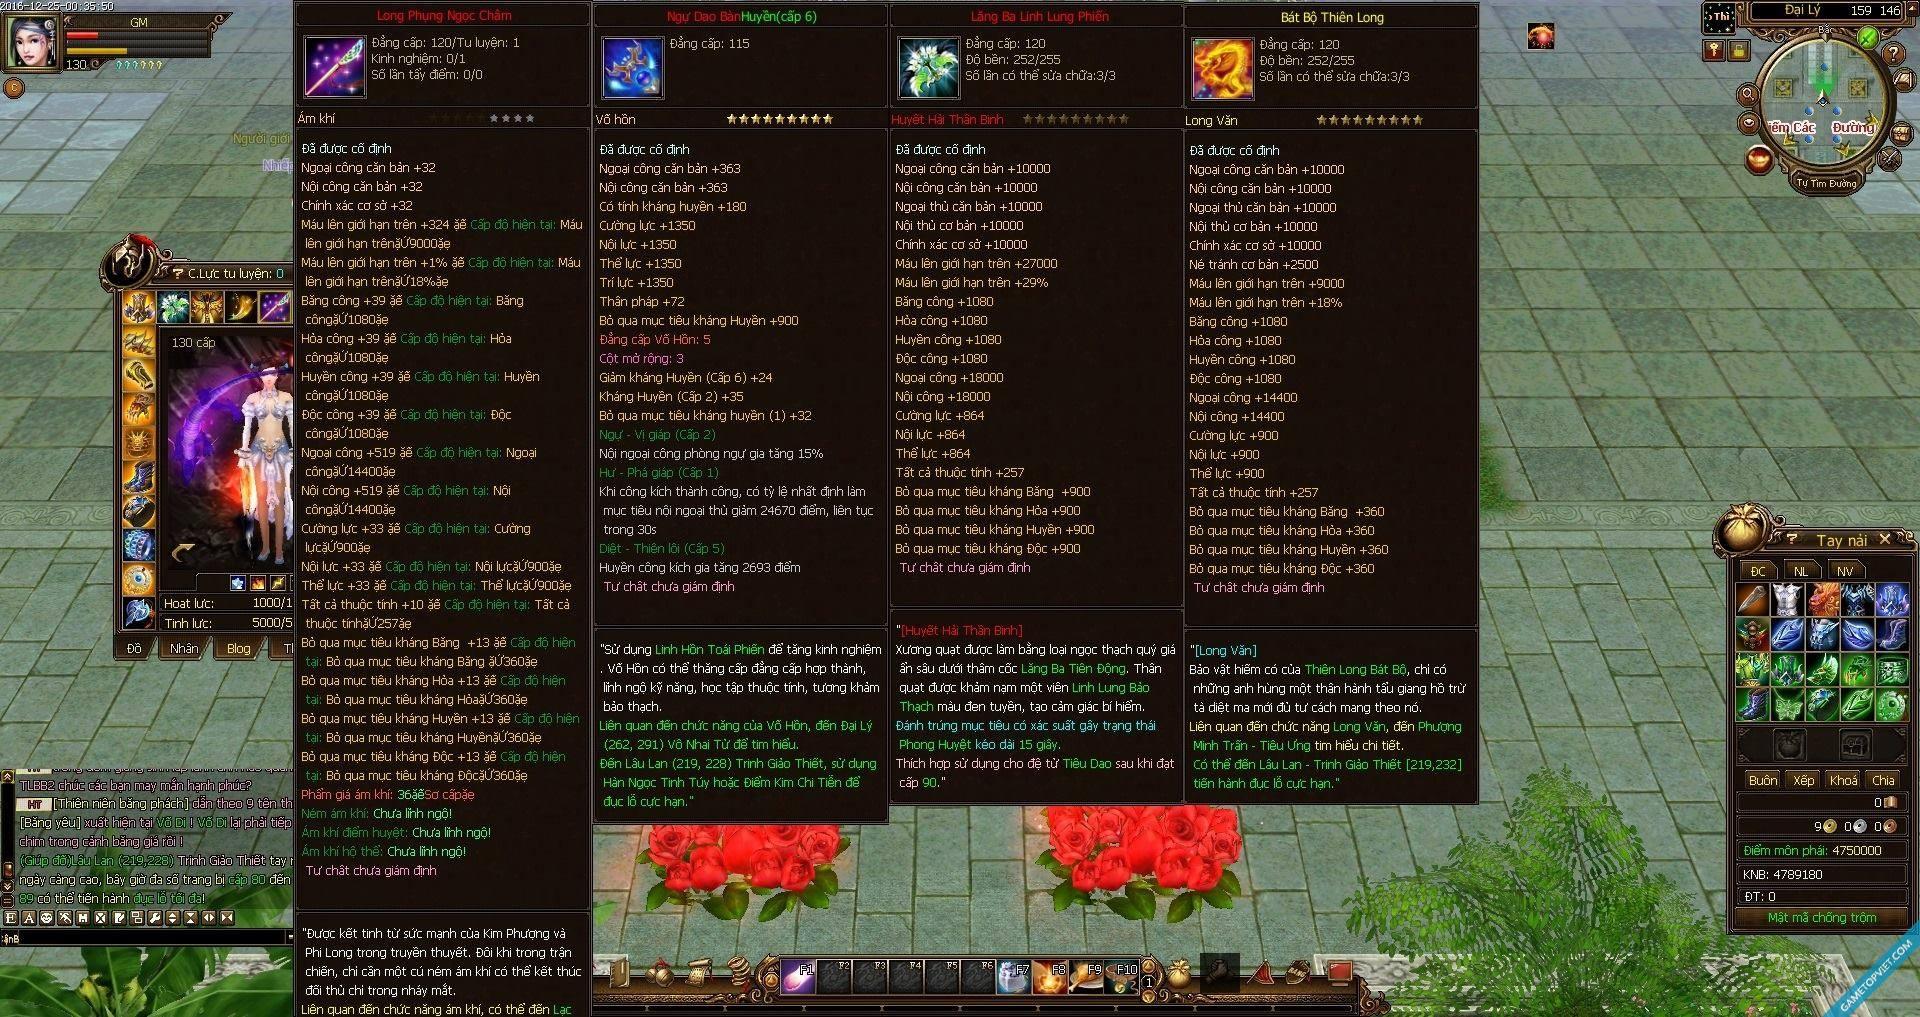 ✅TL THẦN MA - 3.0 CHUYỂN SiNH - OPEN 19H30 TỐI T5 5/7 - CHỐNG BUG HACK , SV KO GIẬT LAG - NGHgnP